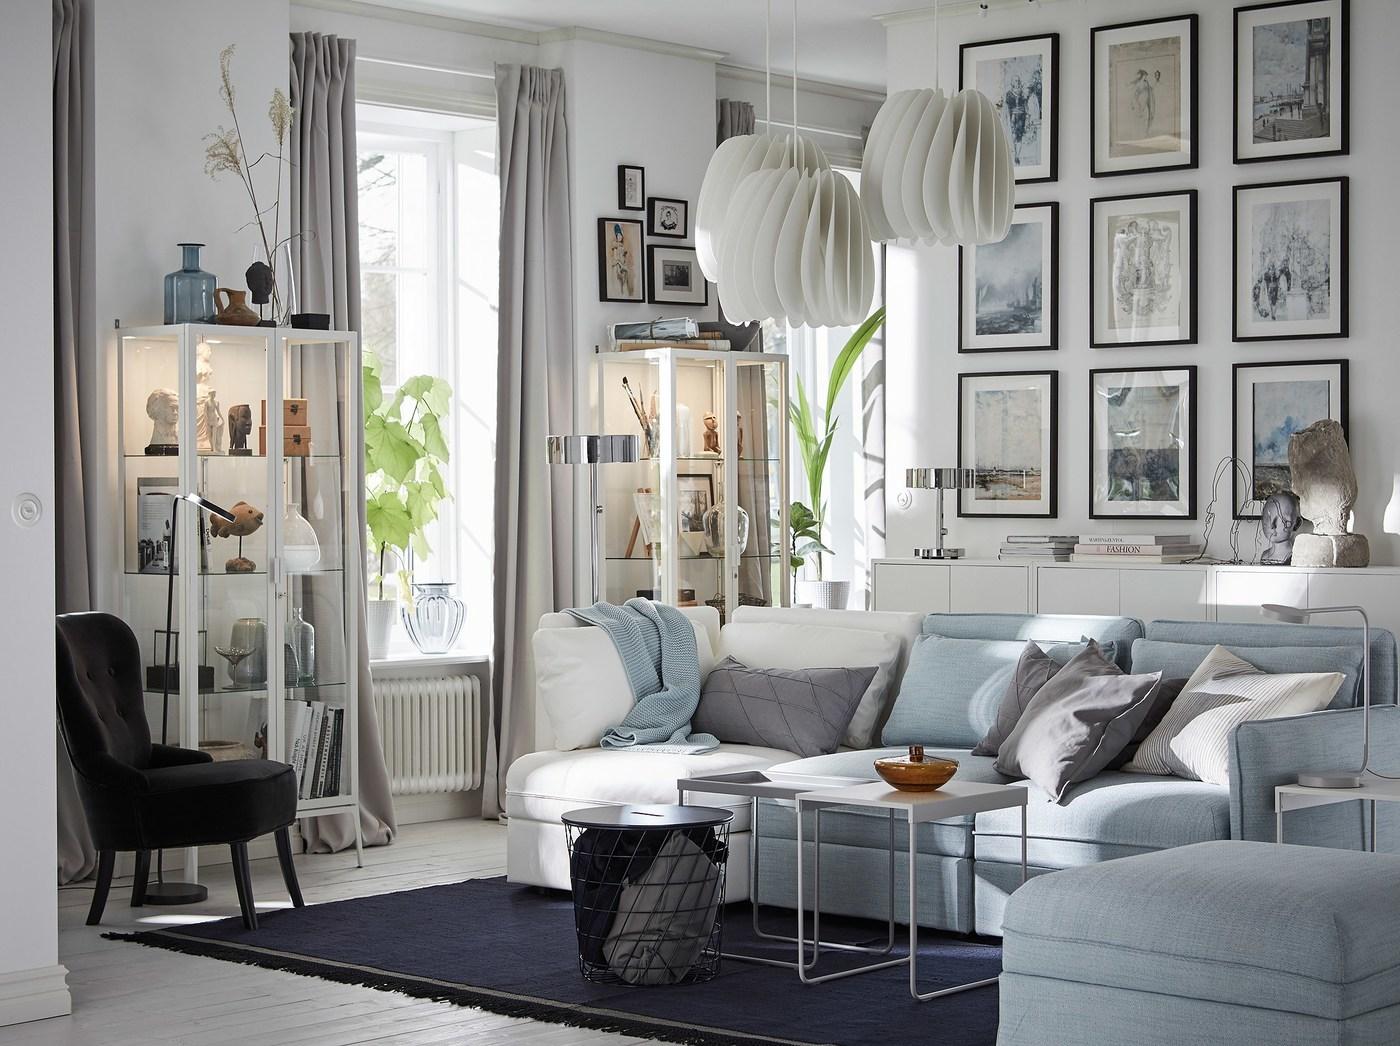 Credenza Malsjo Ikea : Ikea living room